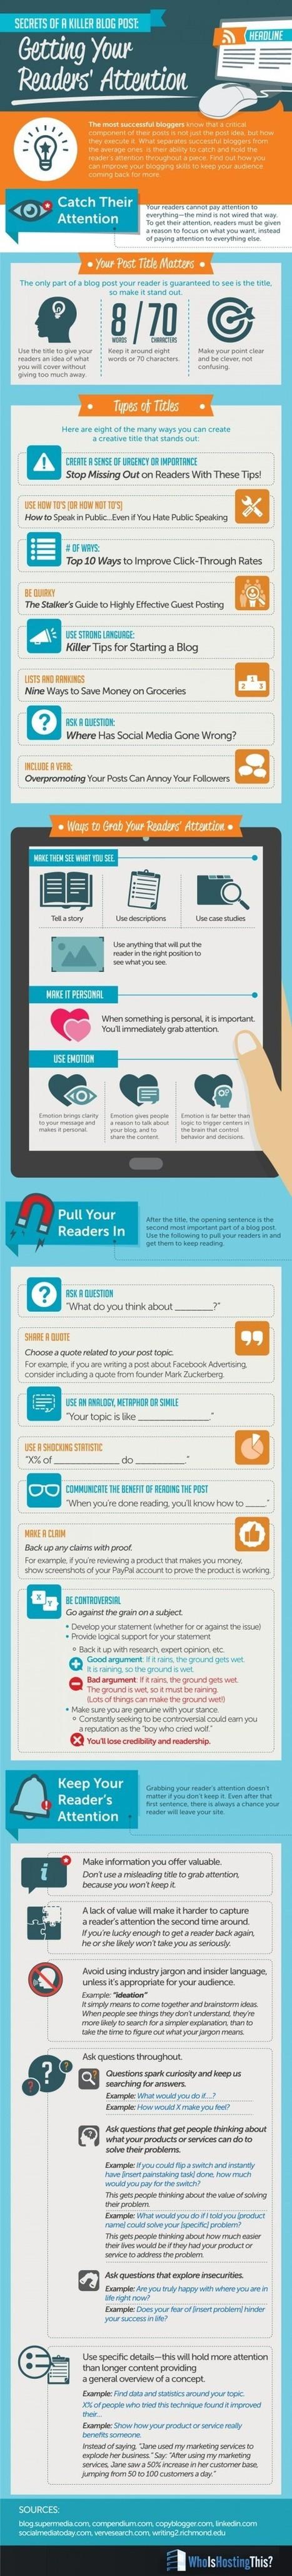 Les Secrets d'un Billet de Blog Irrésistible ! – Infographie | Emarketinglicious | Webmarketing | Scoop.it